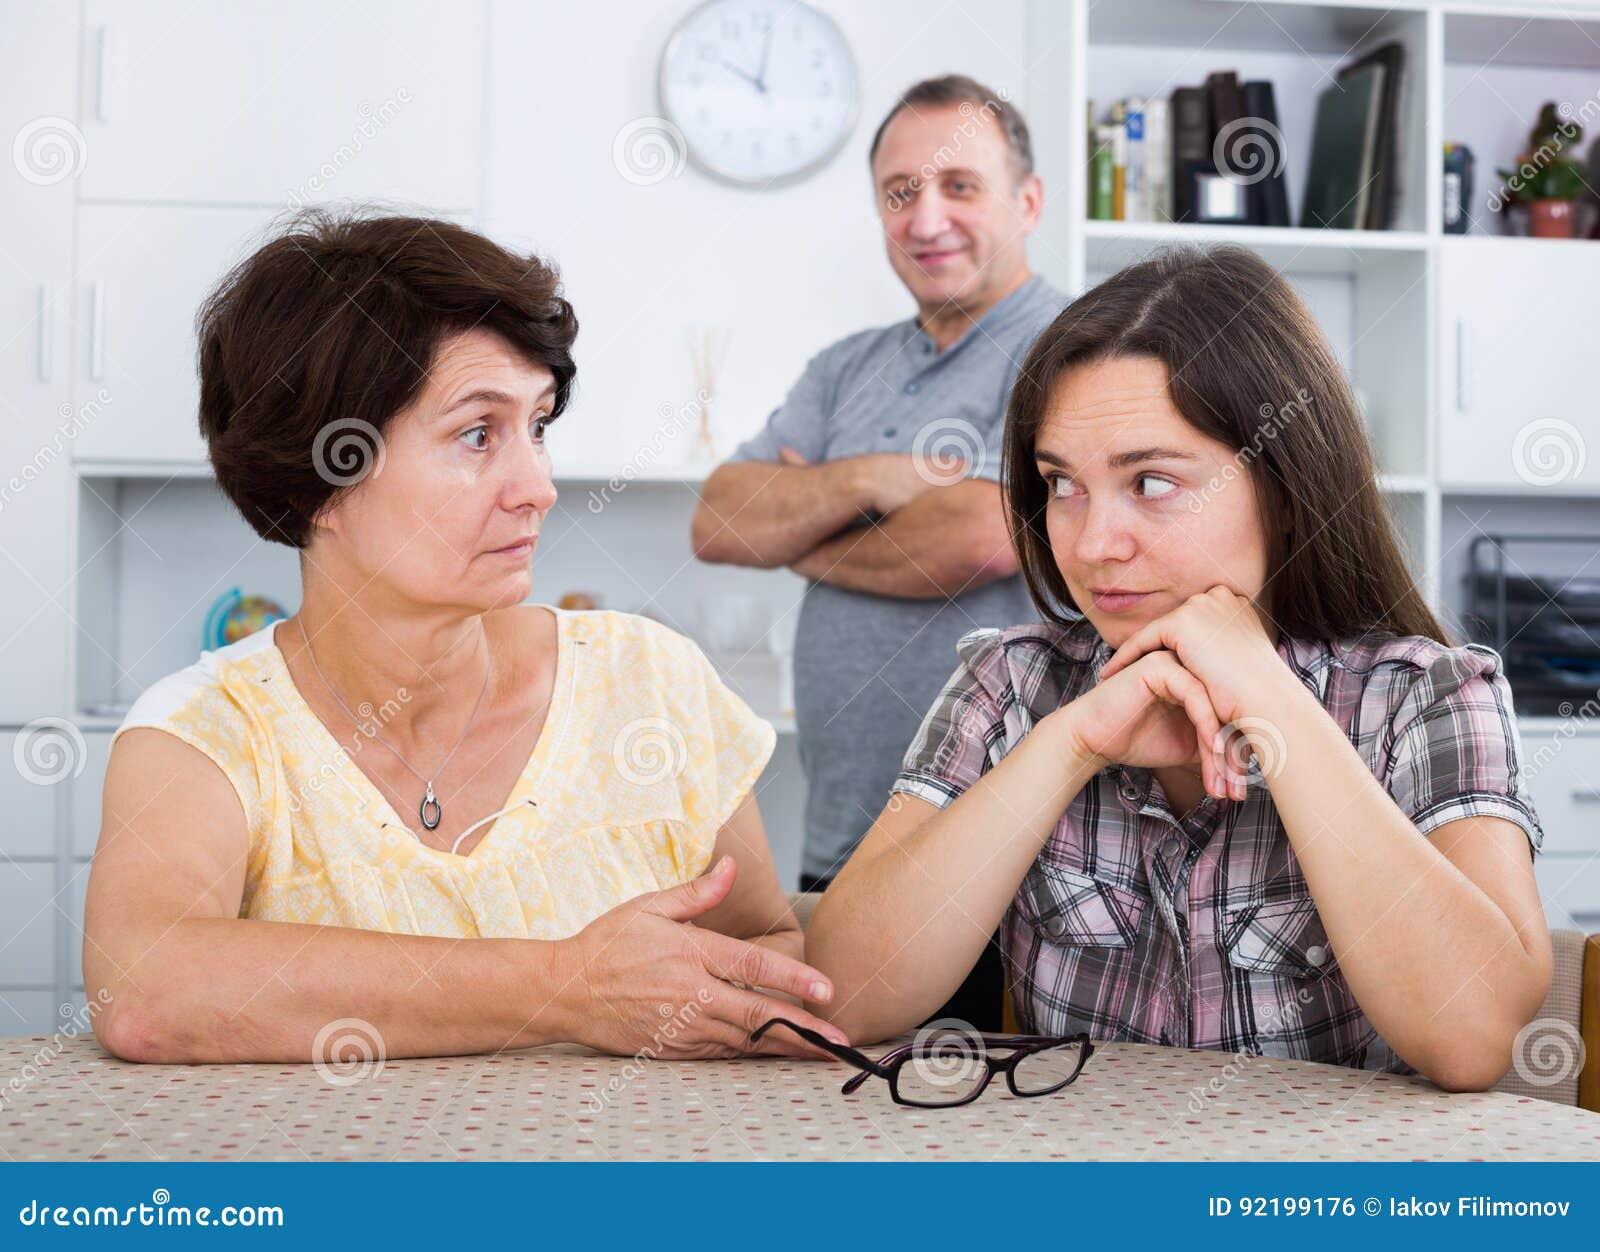 Junge Frau, Die Mit Reifen Eltern Spricht Stockfoto - Bild